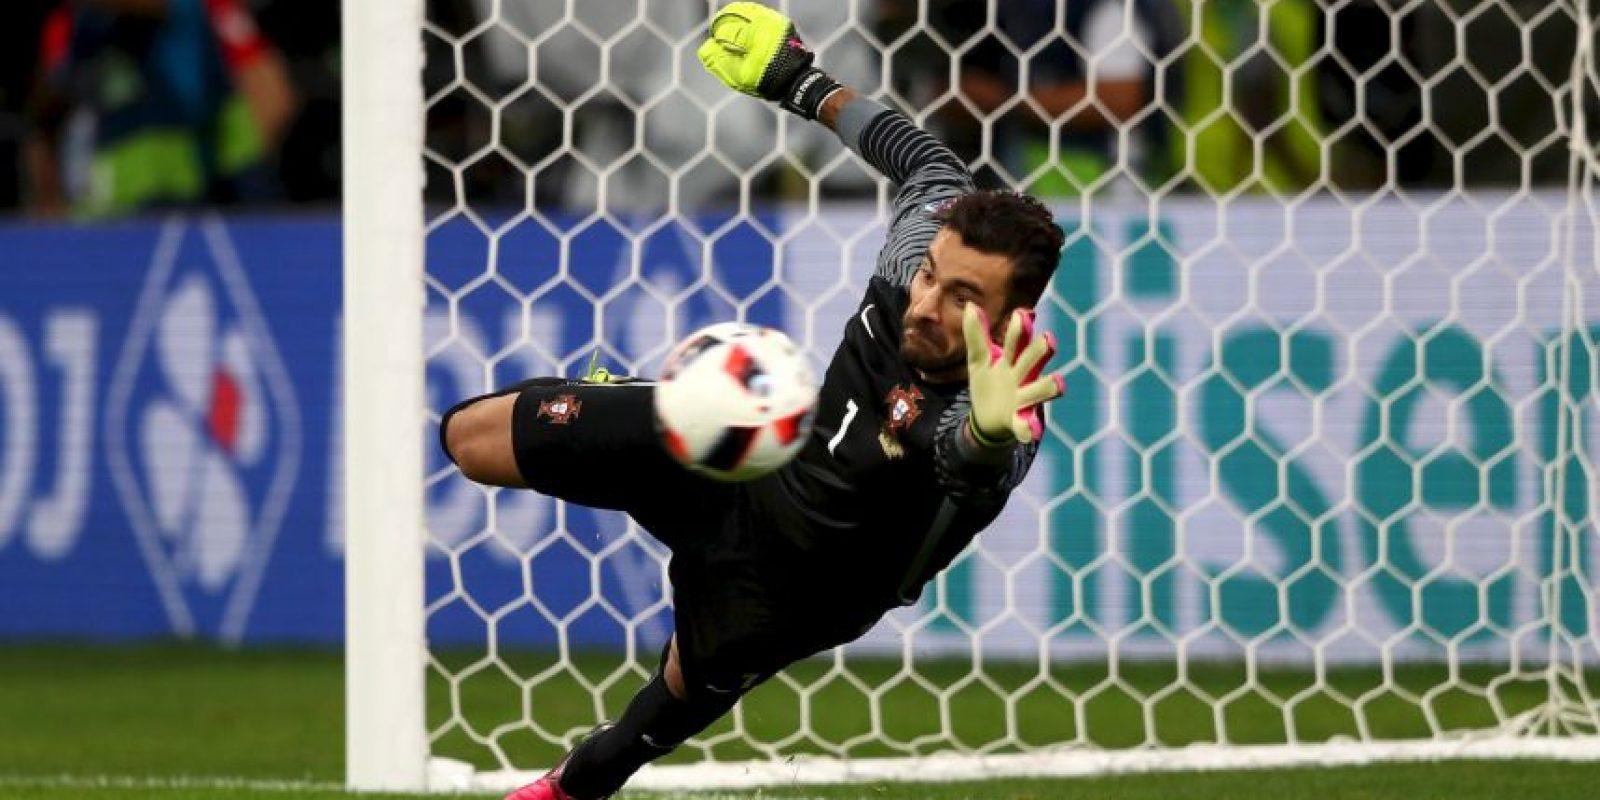 El portero fue clave en el título de Portugal en la pasada Eurocopa Foto:Getty Images